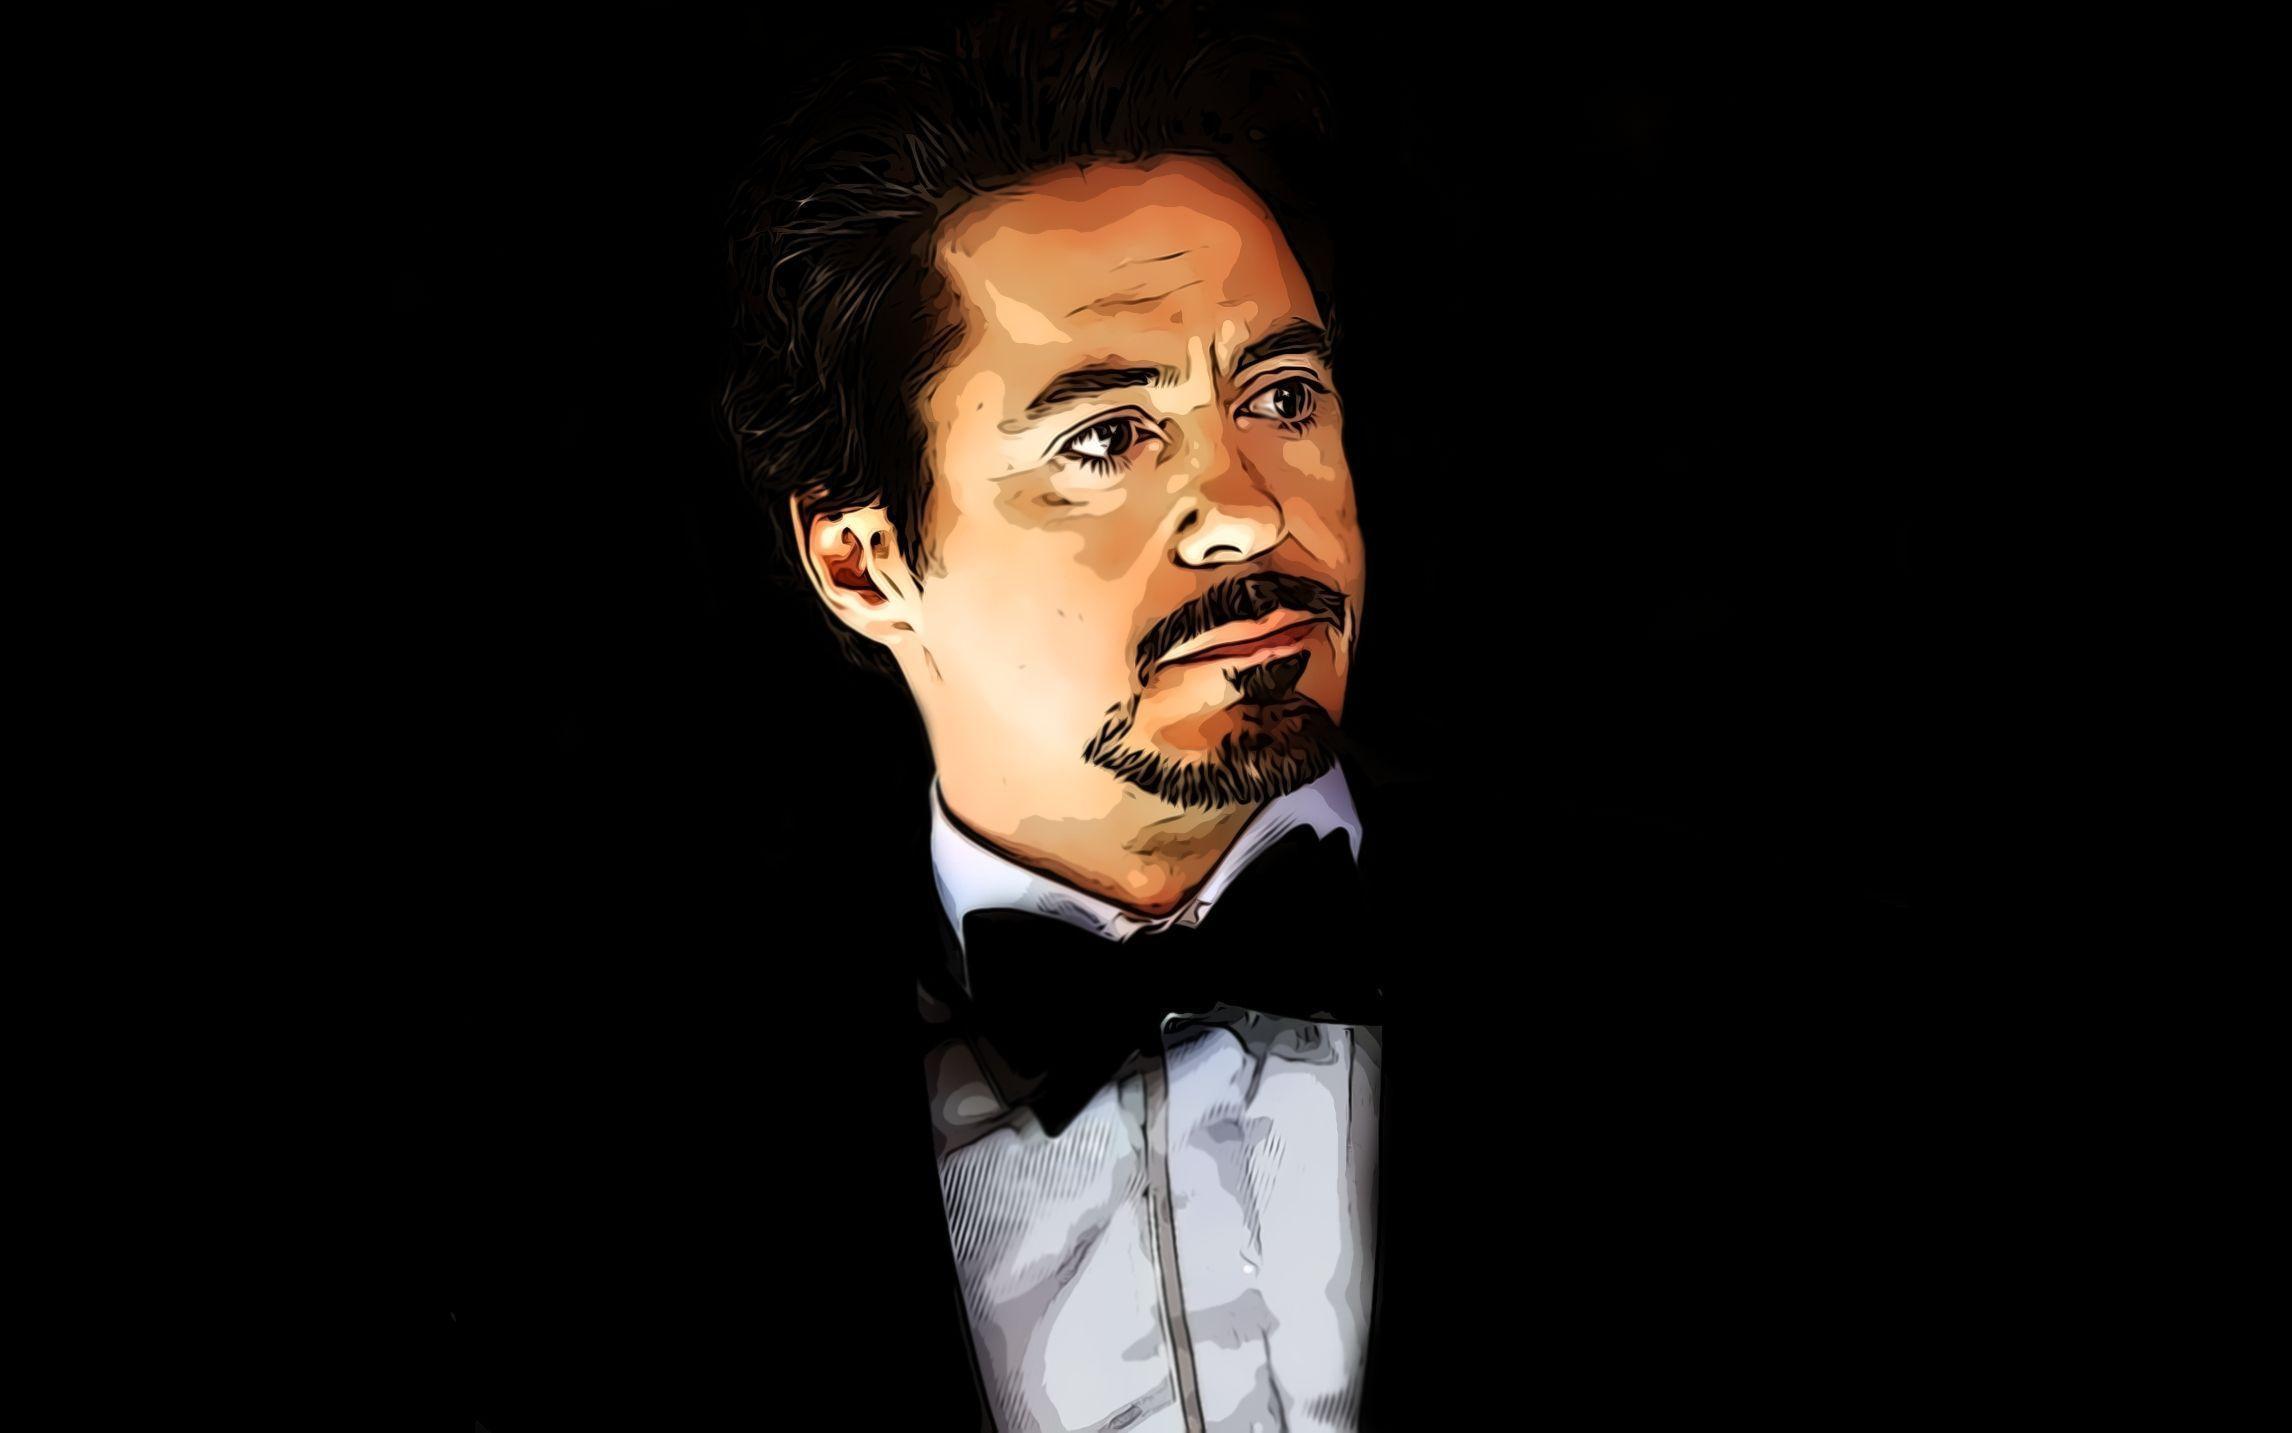 Robert Downey Jr Wallpapers 47819 | ZWALLPIX